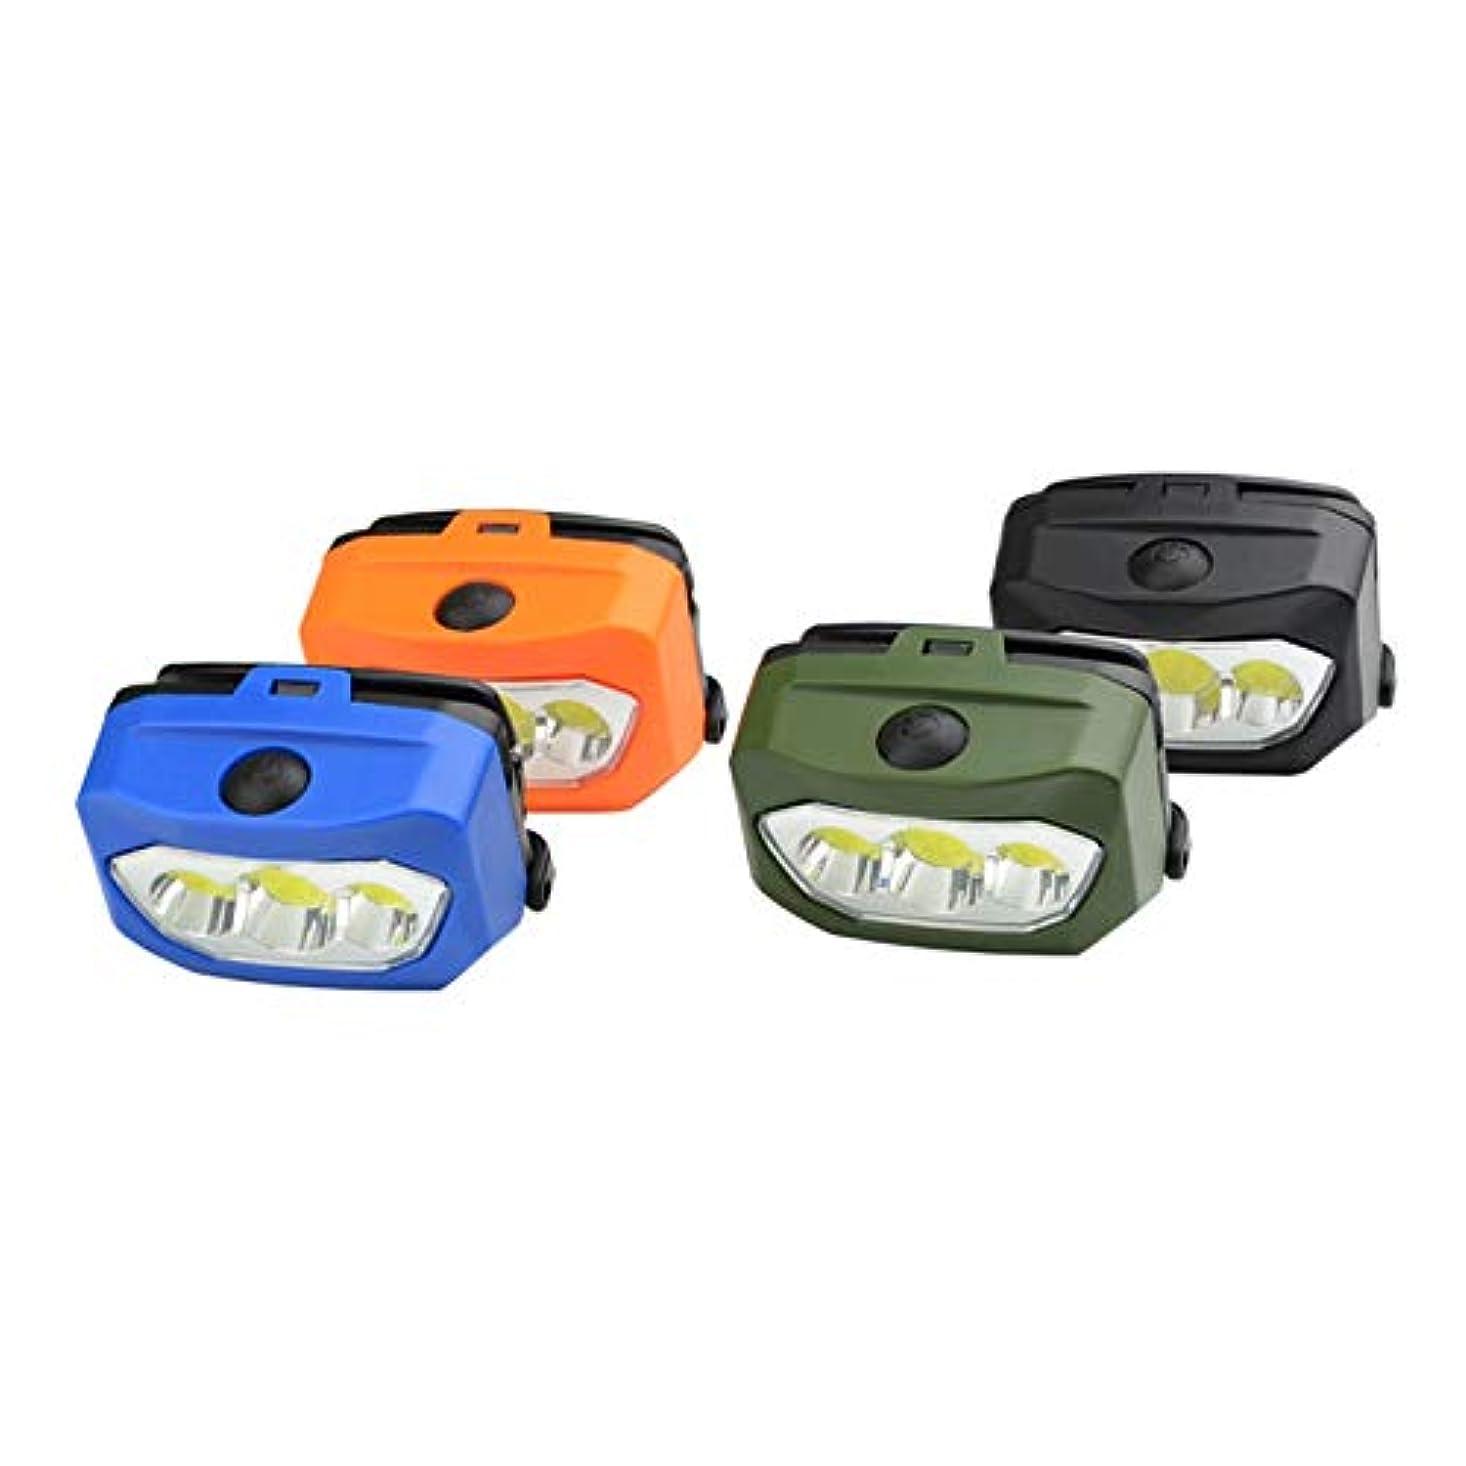 悲観主義者天の文法KISENG 600lm 3xCDB LED 2モード バイク 自転車 サイクリング ヘッドライト USB充電 防水ヘッドランプ オートバイ